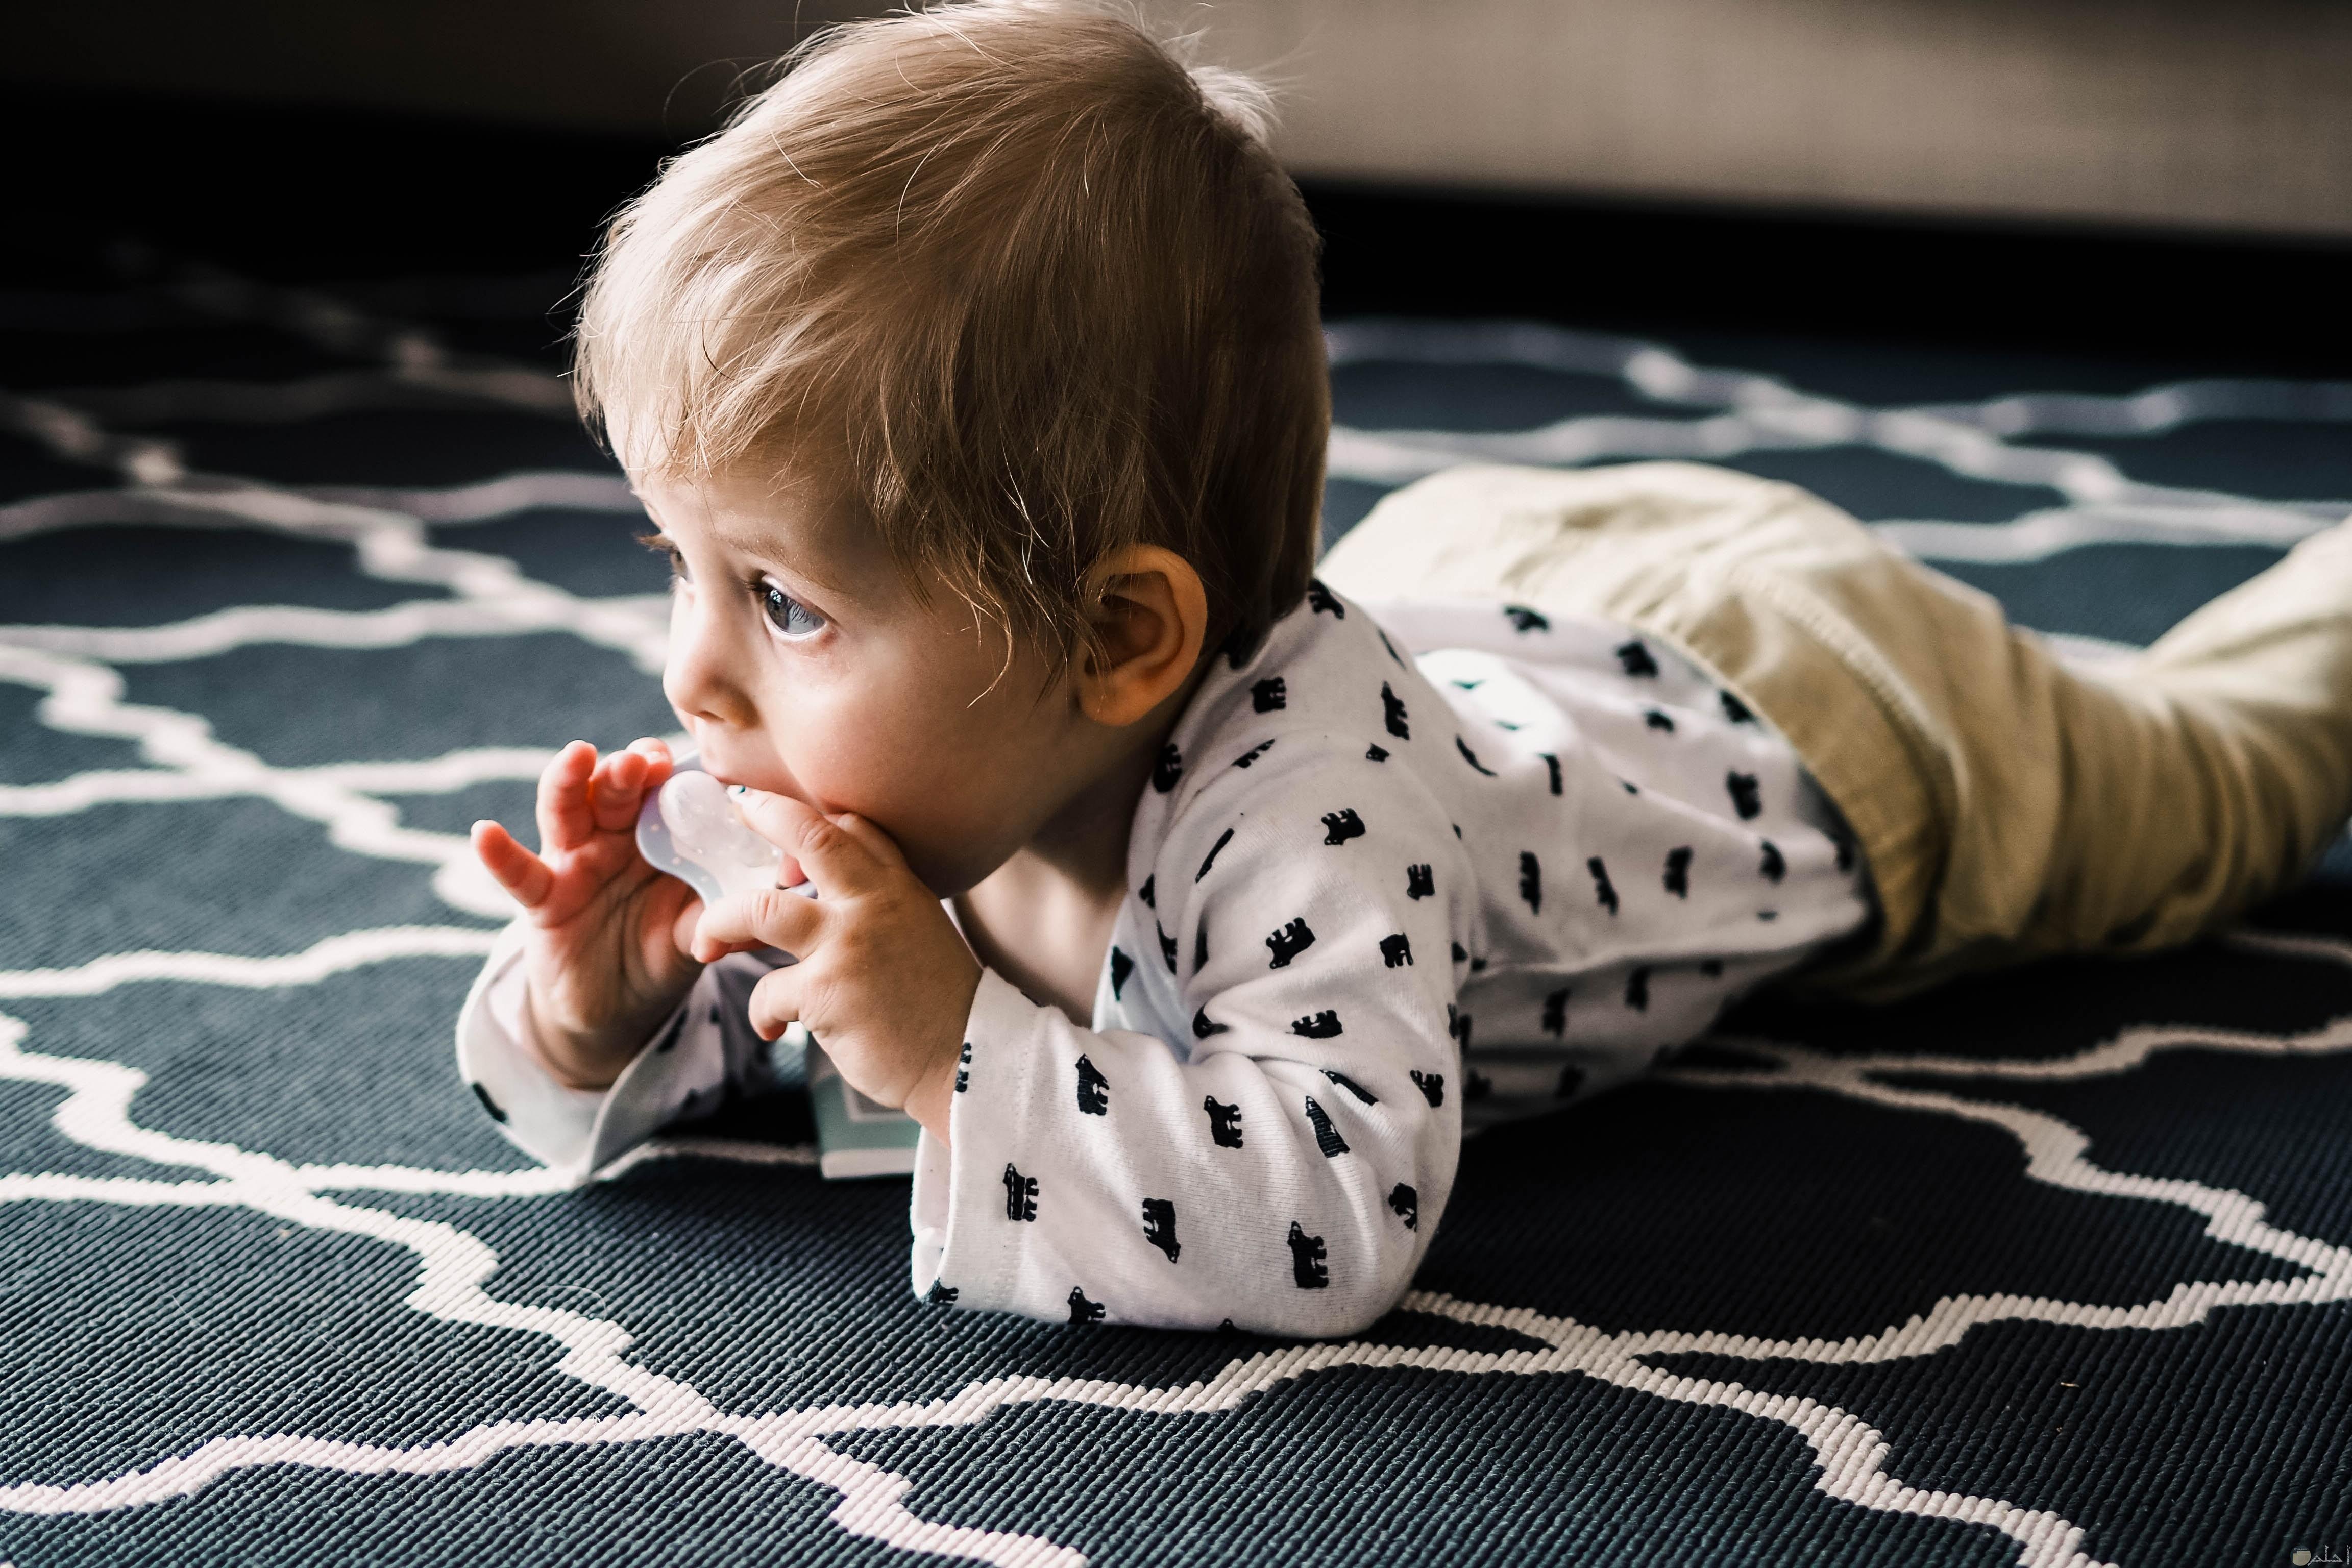 صوره طفل ملقى علي الارض